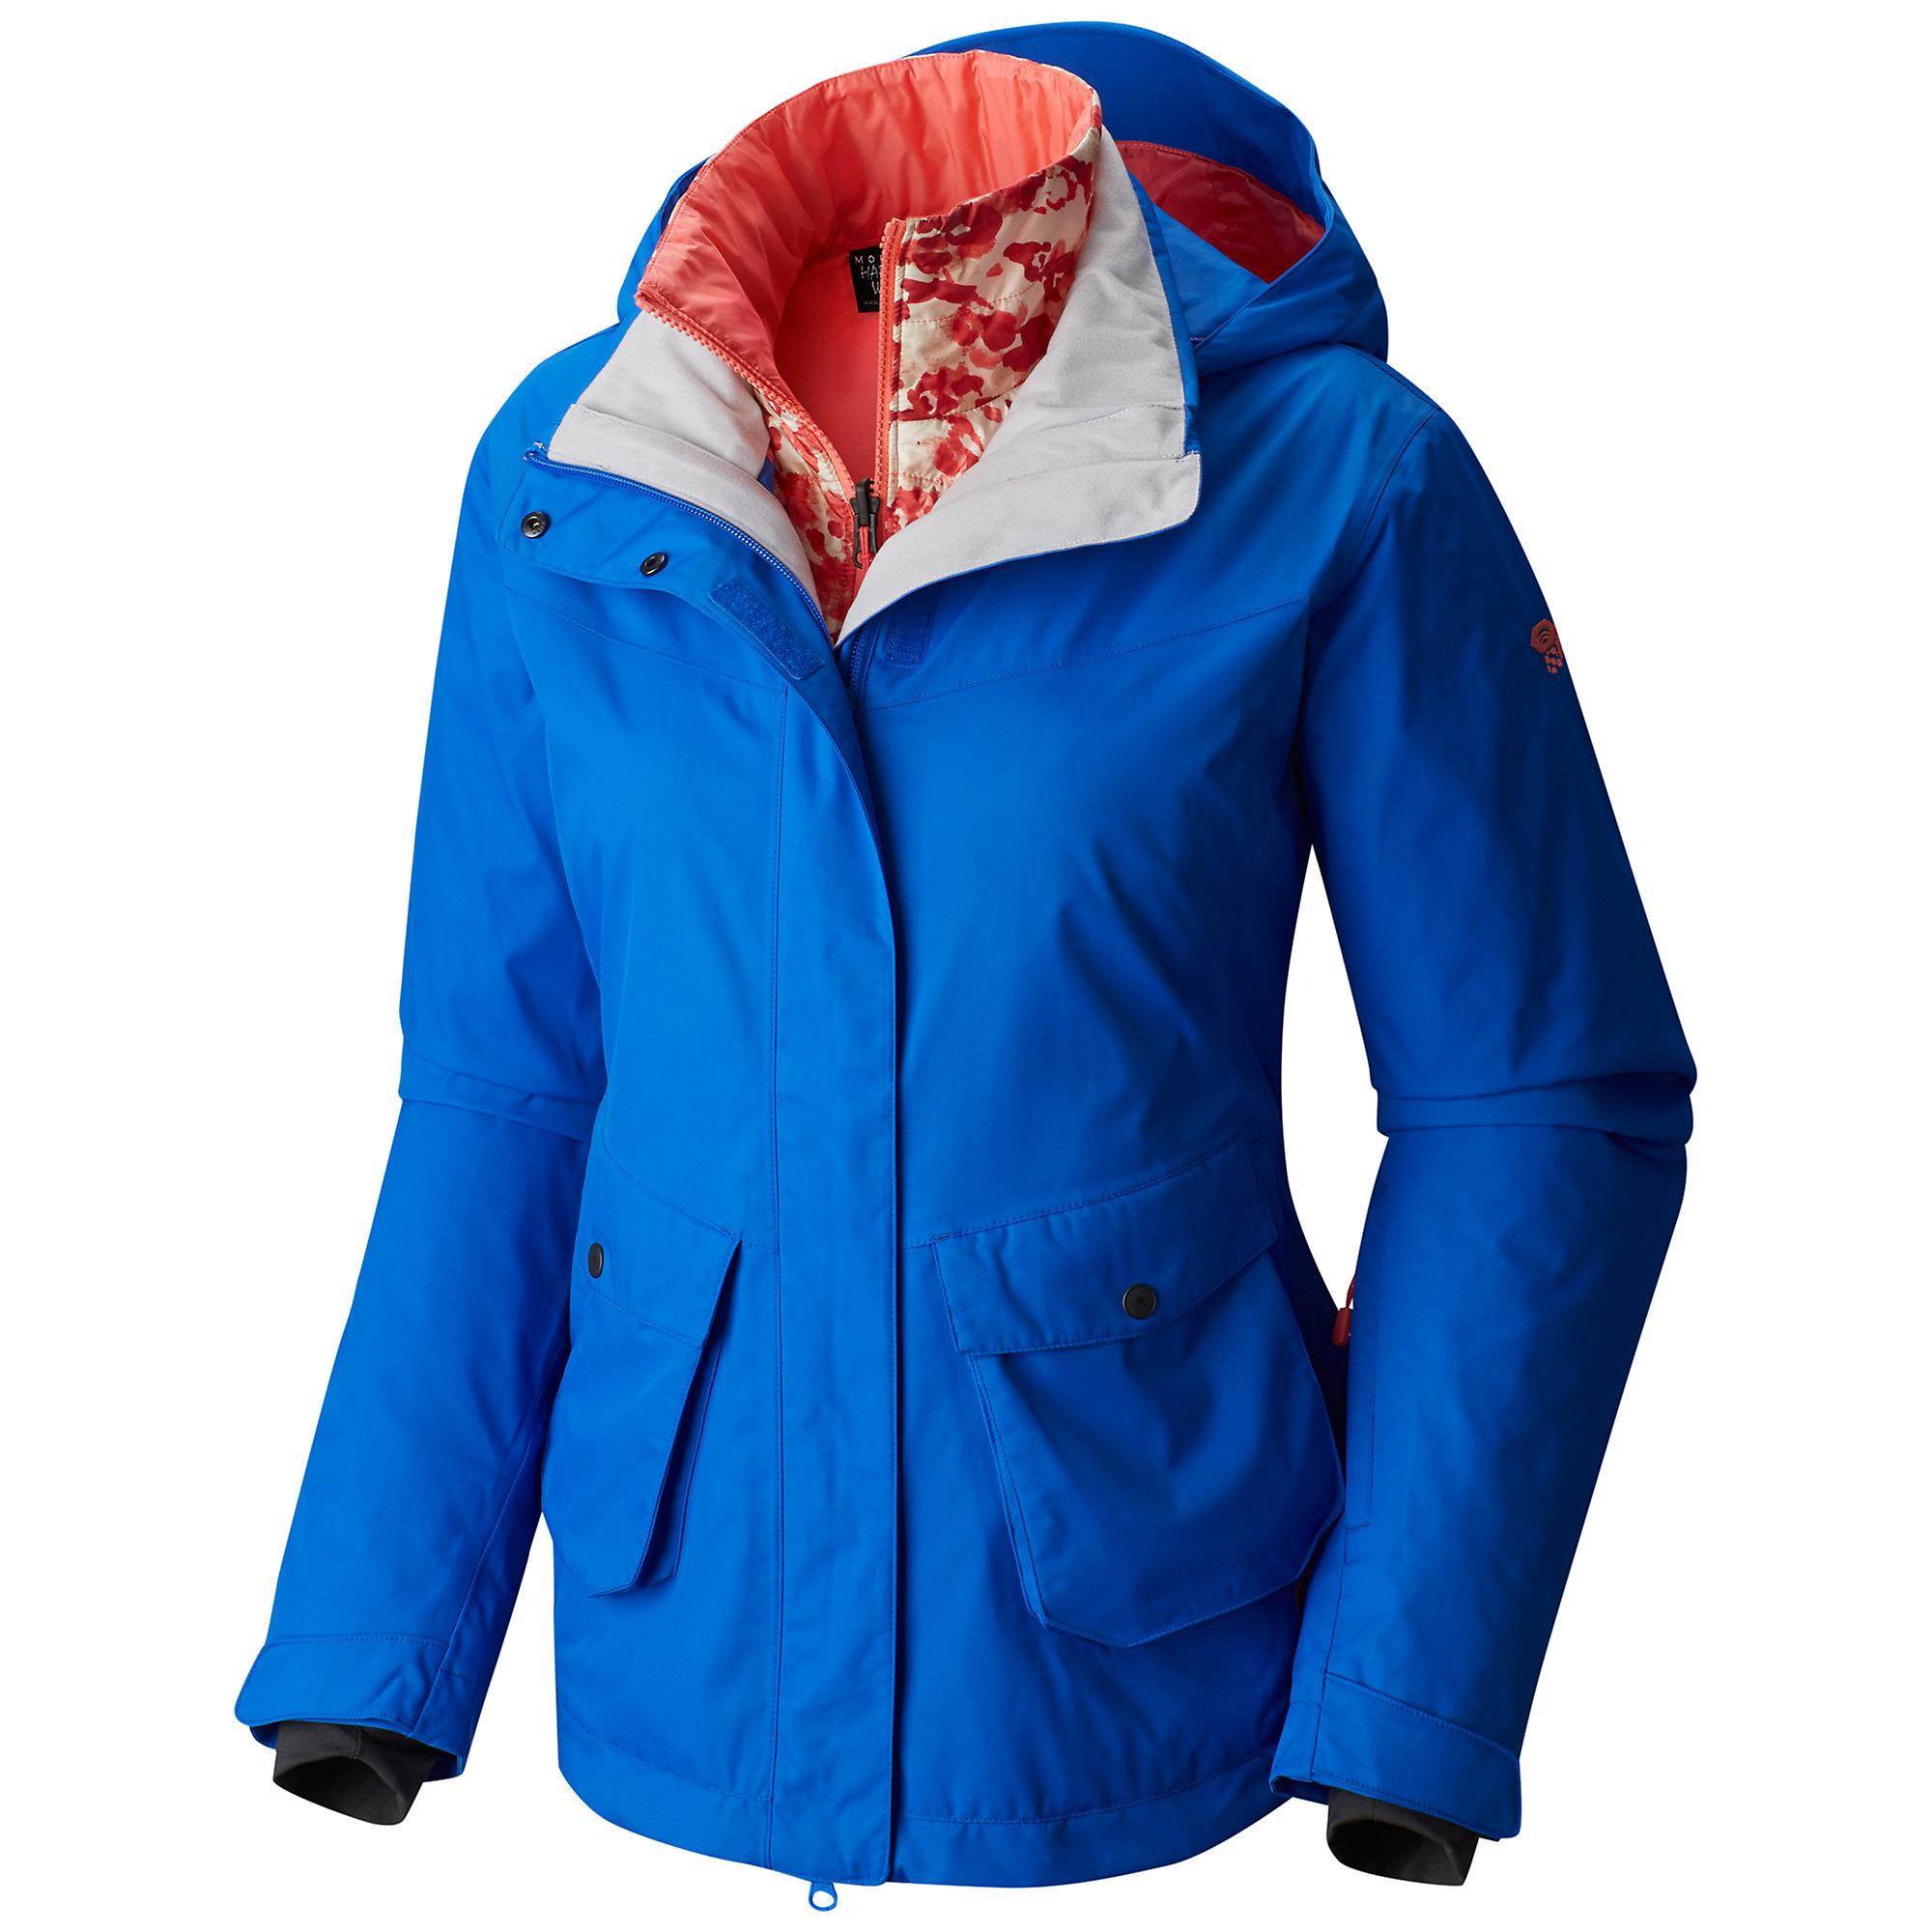 Mountain Hardwear Snowburst Trifecta